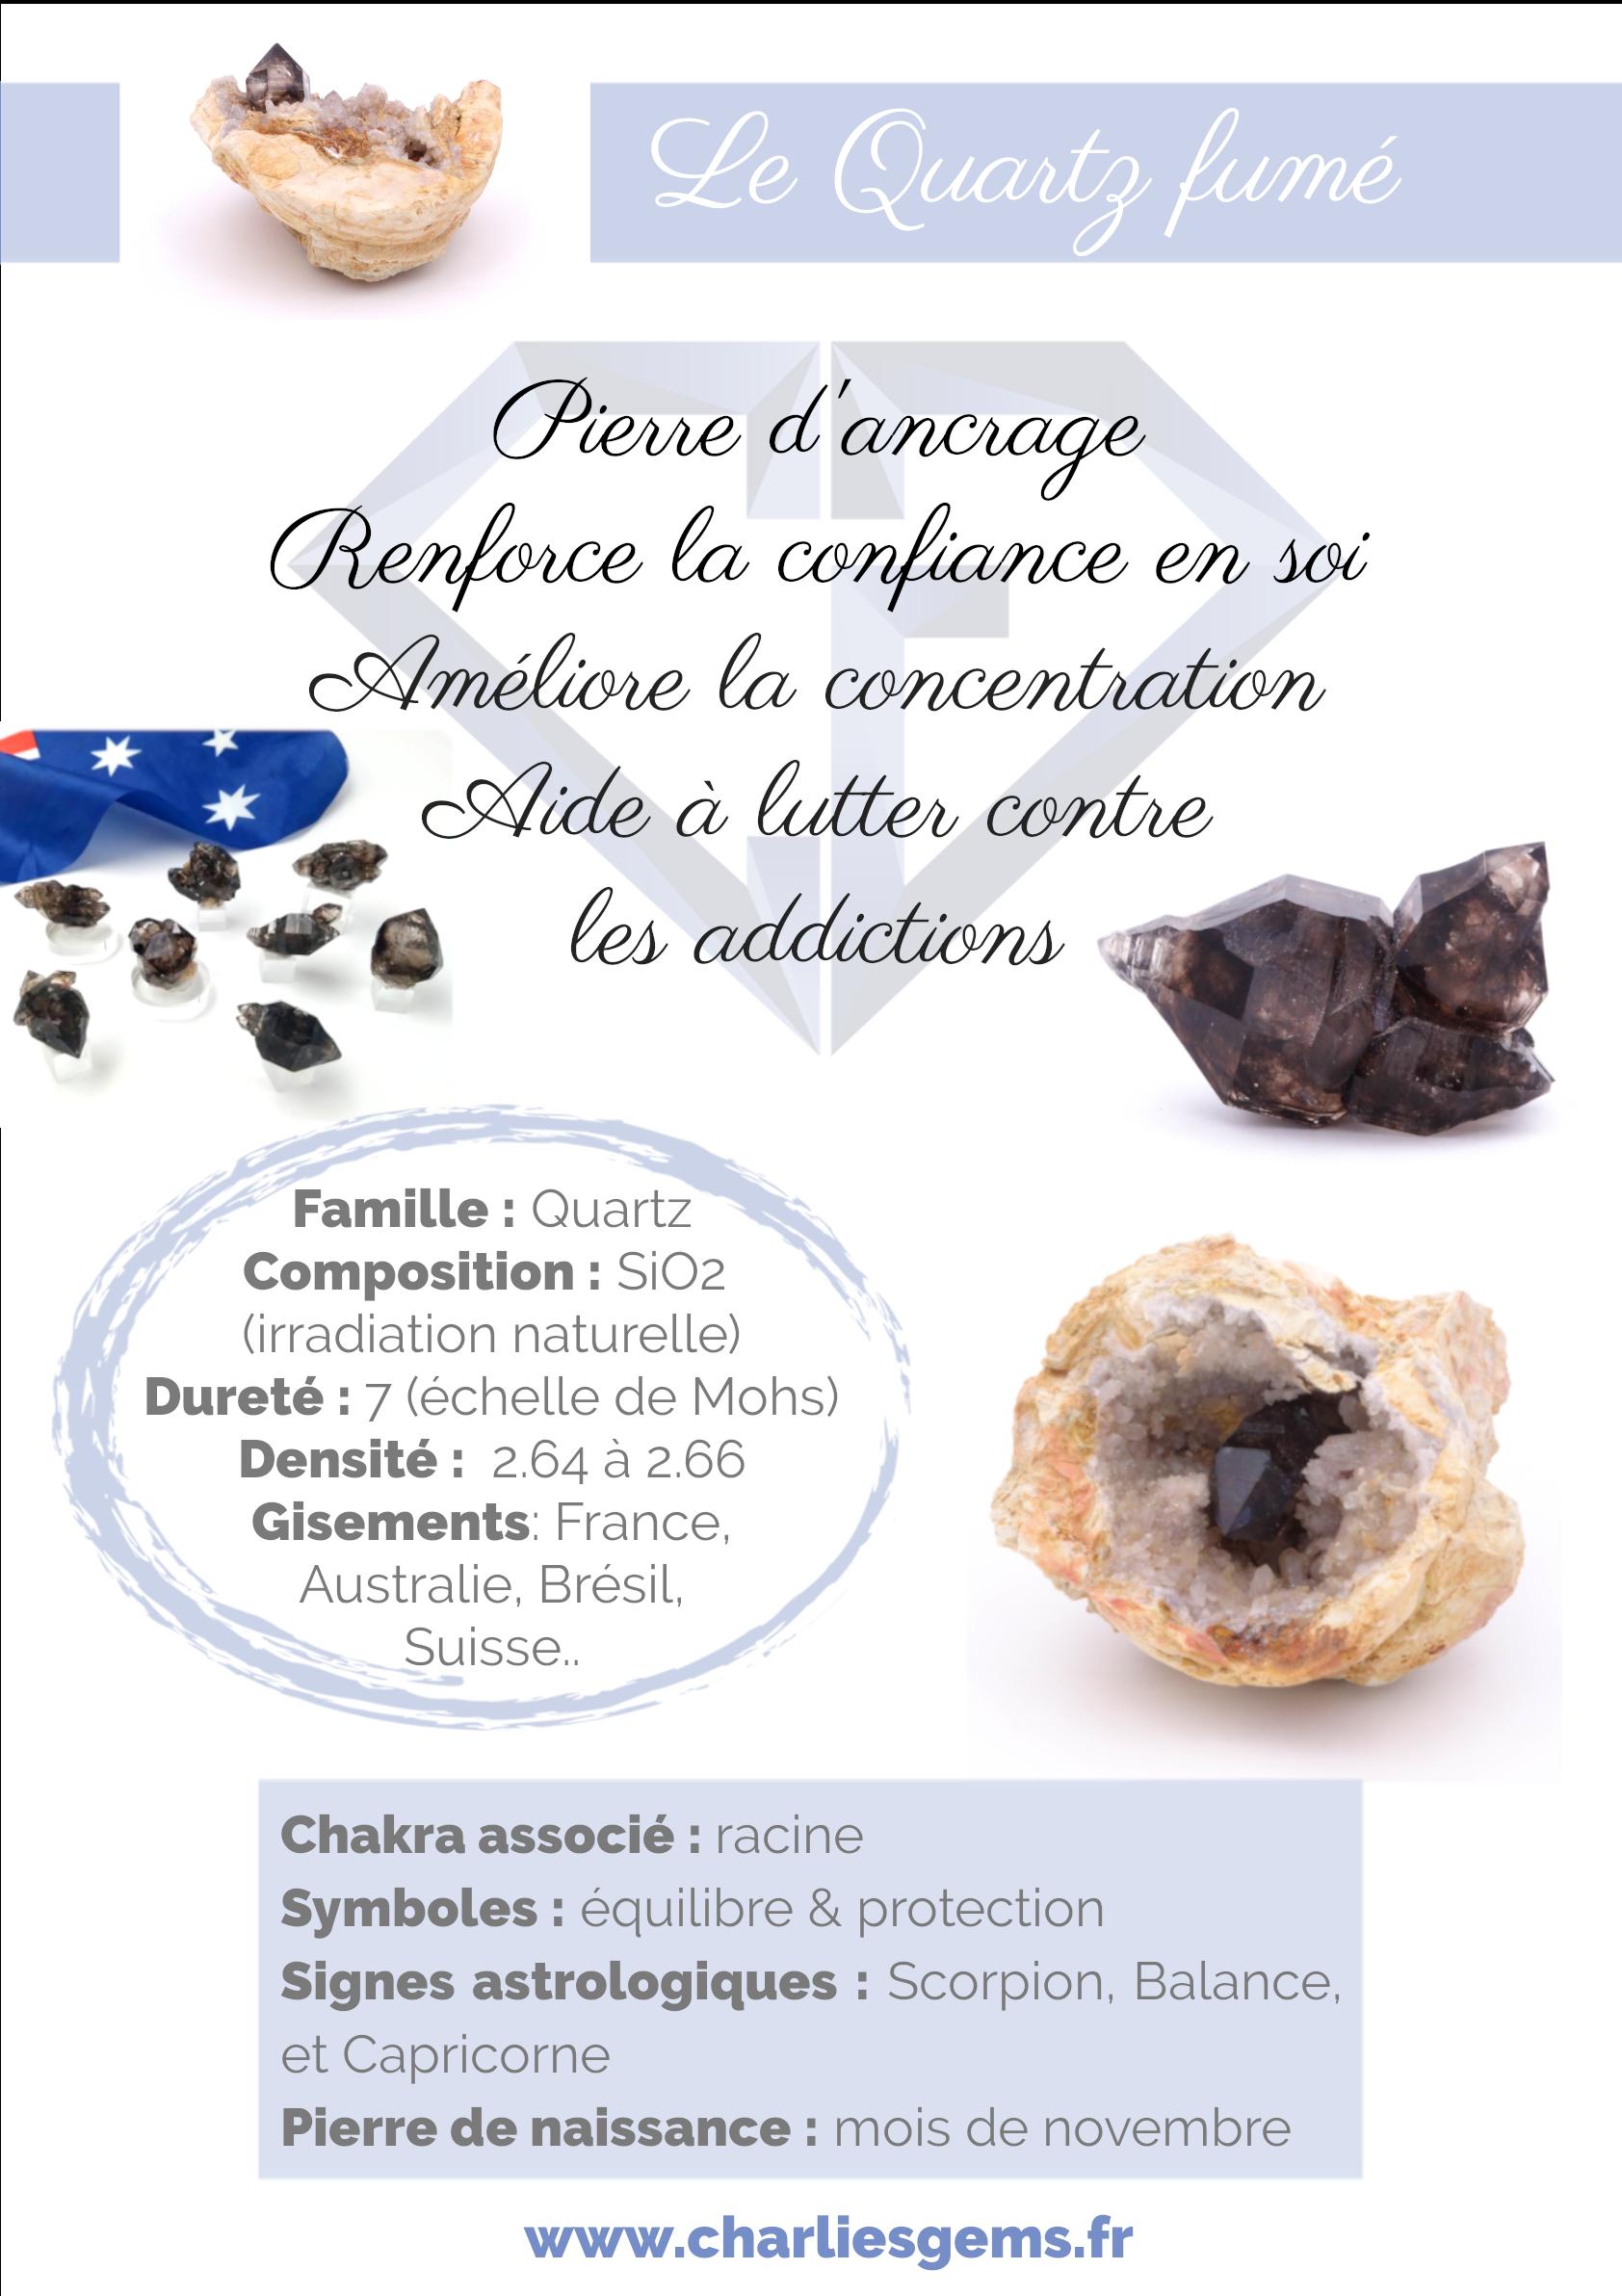 Fiche de présentation du Smoky Quartz (description, lithothérapie, propriétés) - Par Charlie's Gems